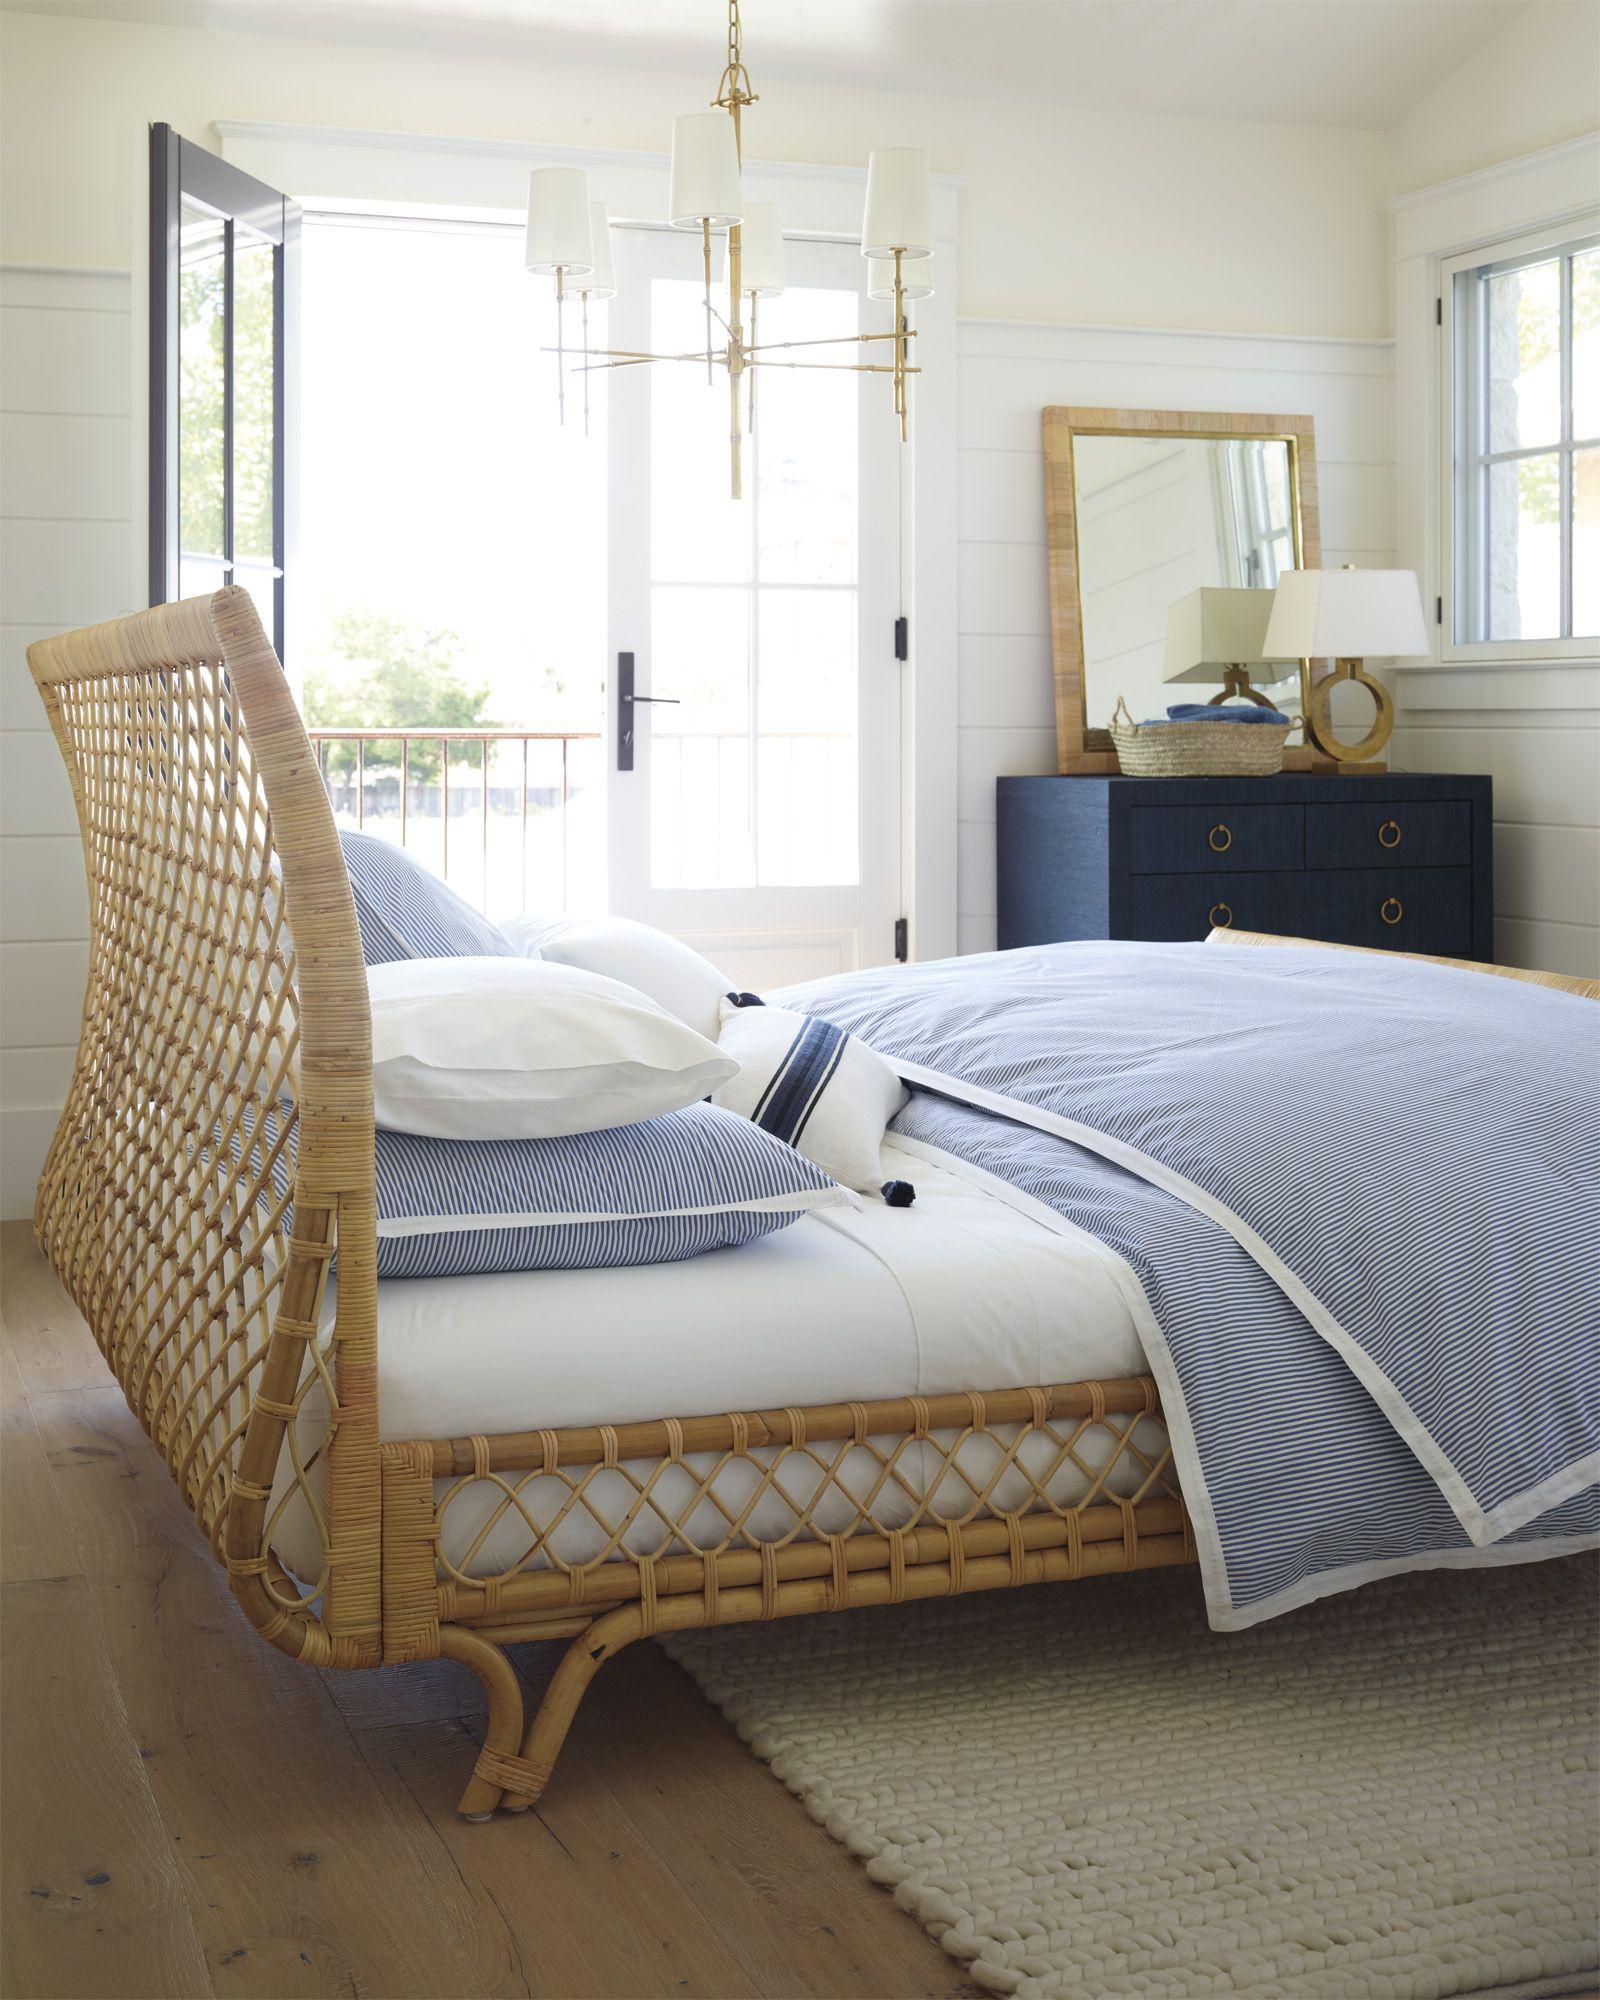 Lighting fixture brass Serena & Lily Coastal bedroom